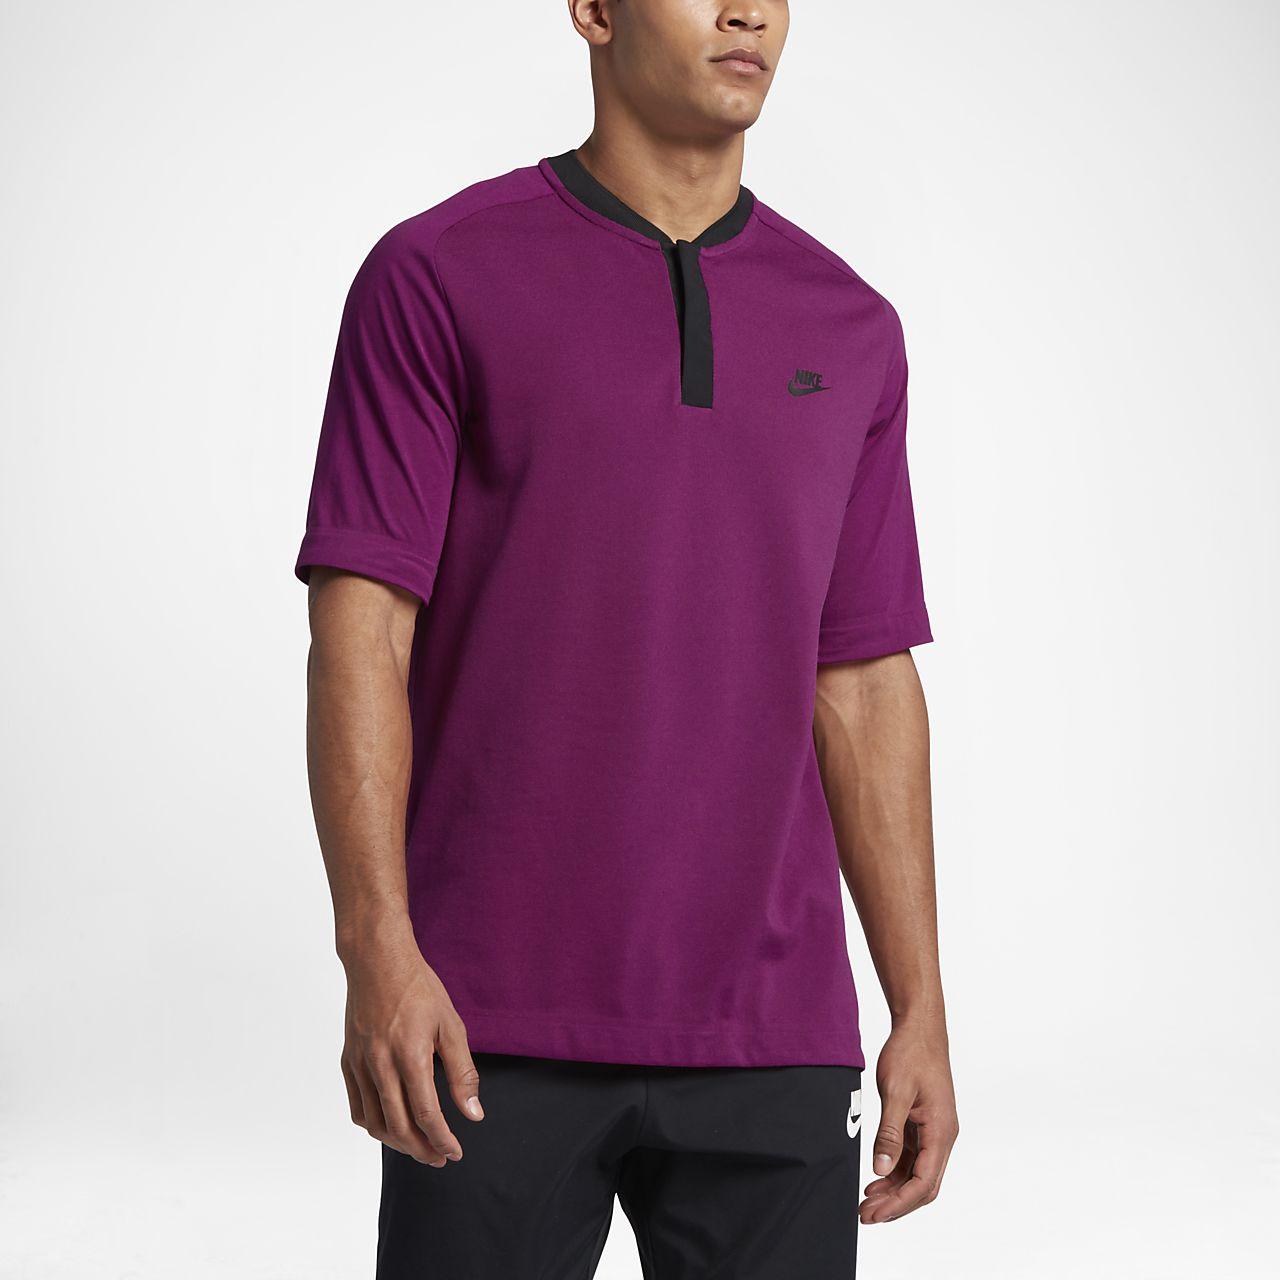 f15d7a823be688 Low Resolution Nike Sportswear Bonded Men s Polo Nike Sportswear Bonded  Men s Polo